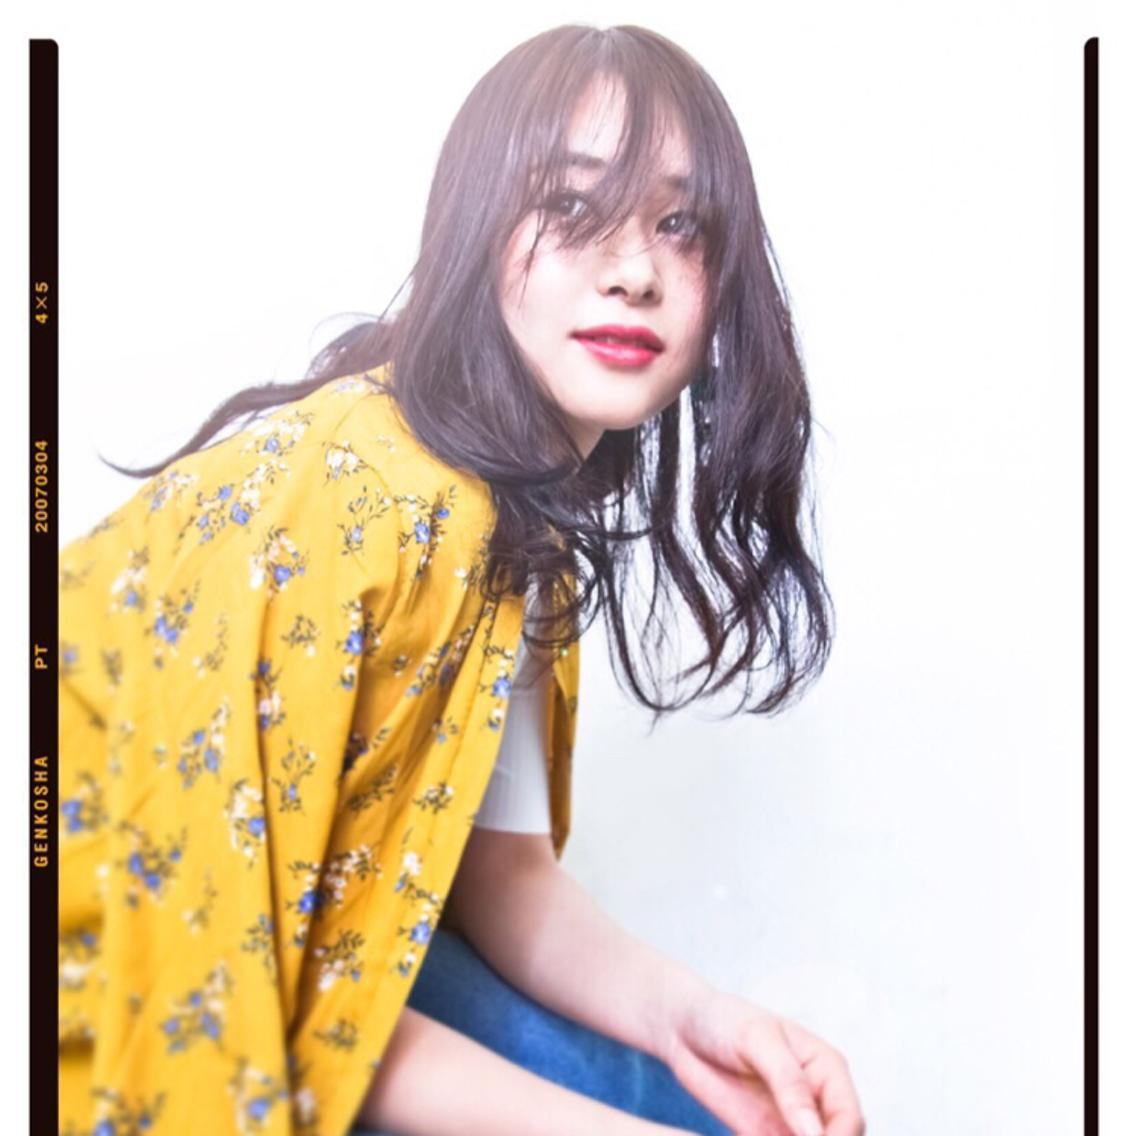 初回限定カットカラー3000円〜 #イルミナカラー有り✨❣鶴間駅から(迷わなければ)徒歩1分!モデルさん募集中です!